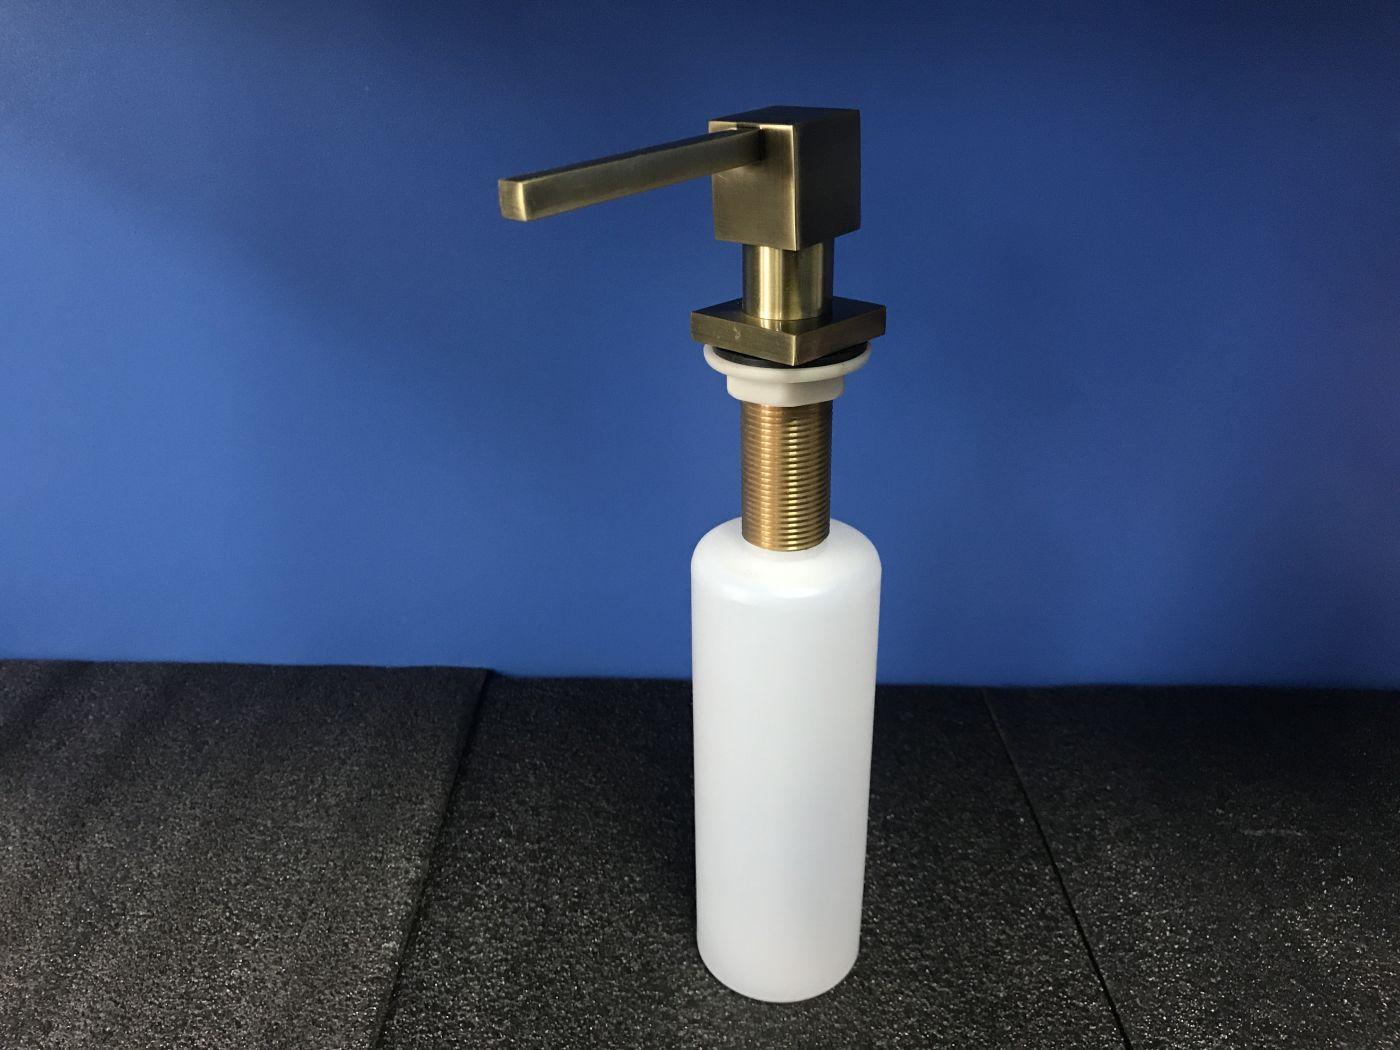 Kaiser KH-3021 Дозатор для моющих средств встраиваемый в мойку